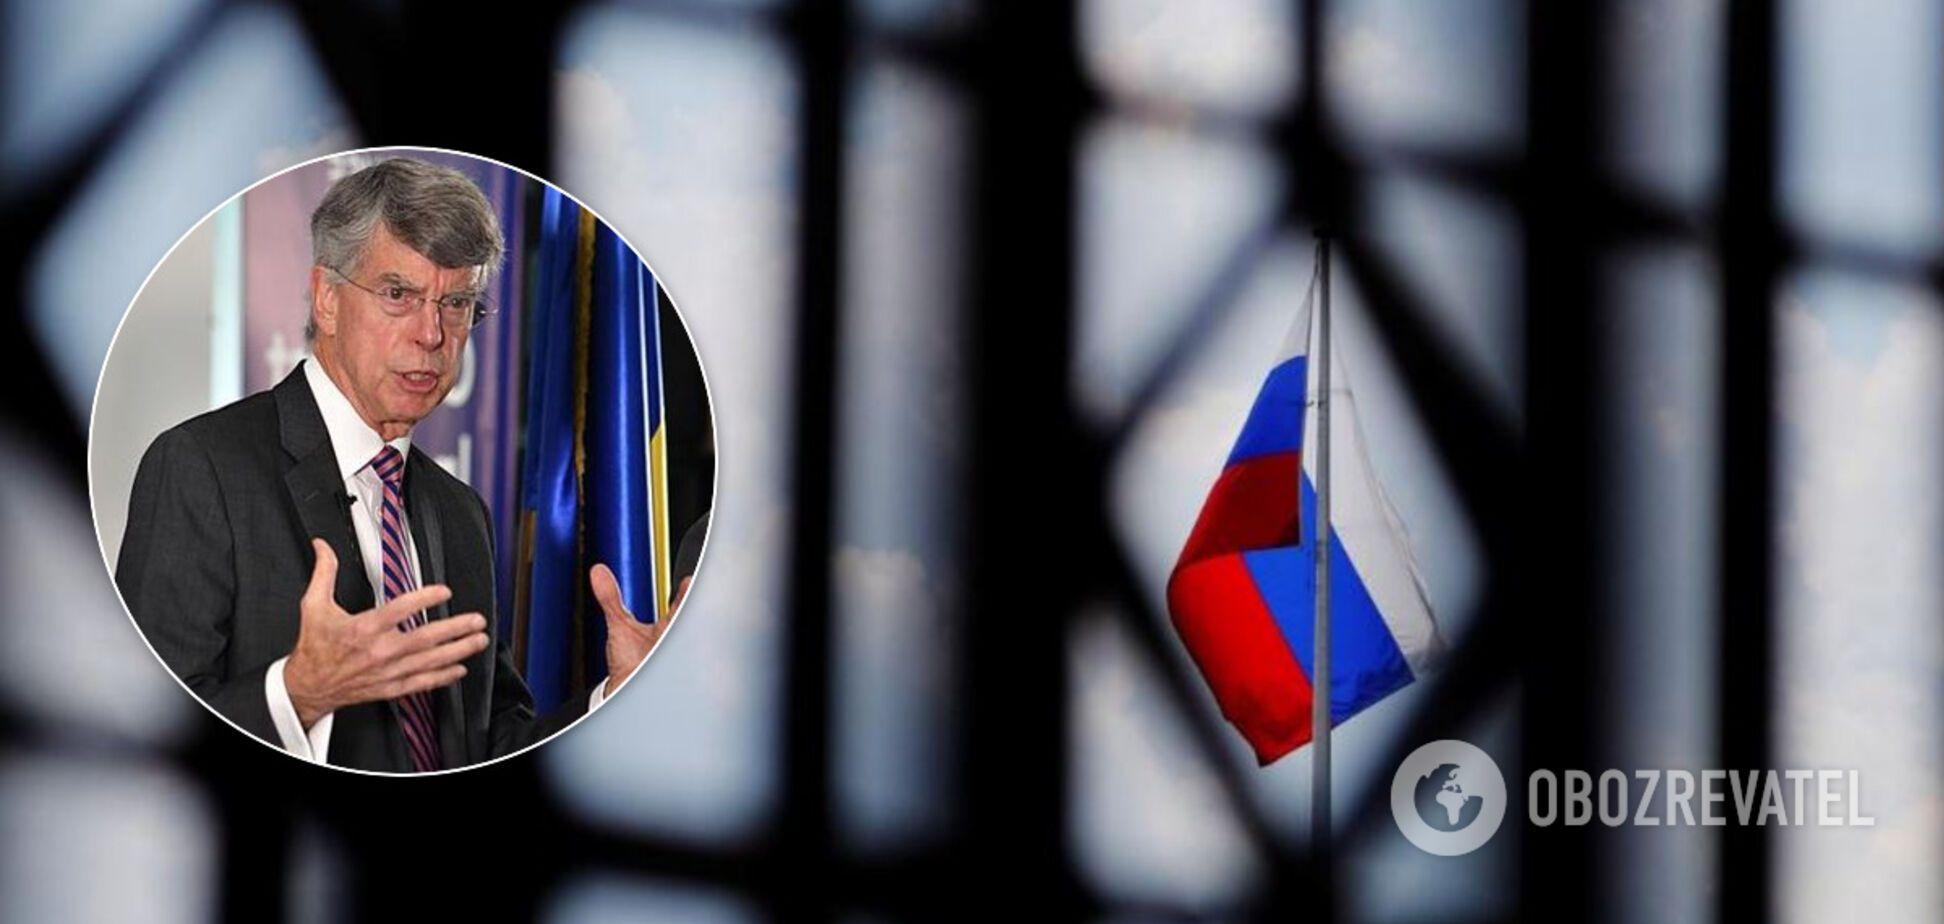 Вільям Тейлор розповів, як США відреагують на вторгнення Росії на південь України